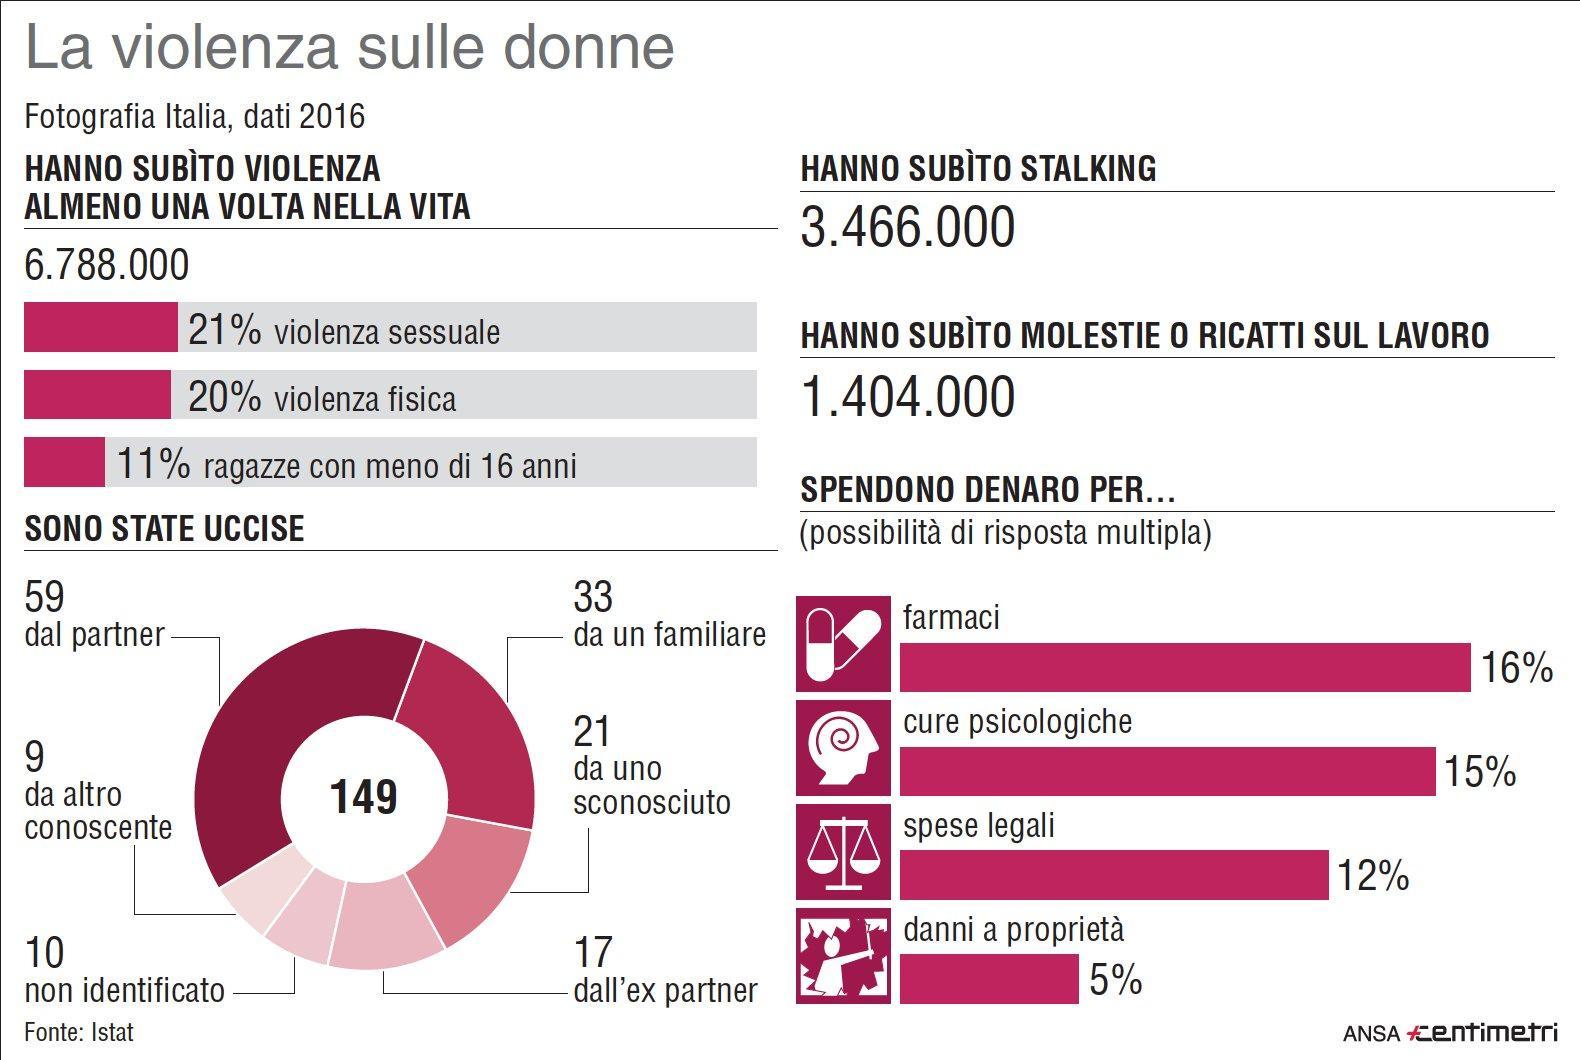 Violenza sulle donne, i dati in Italia